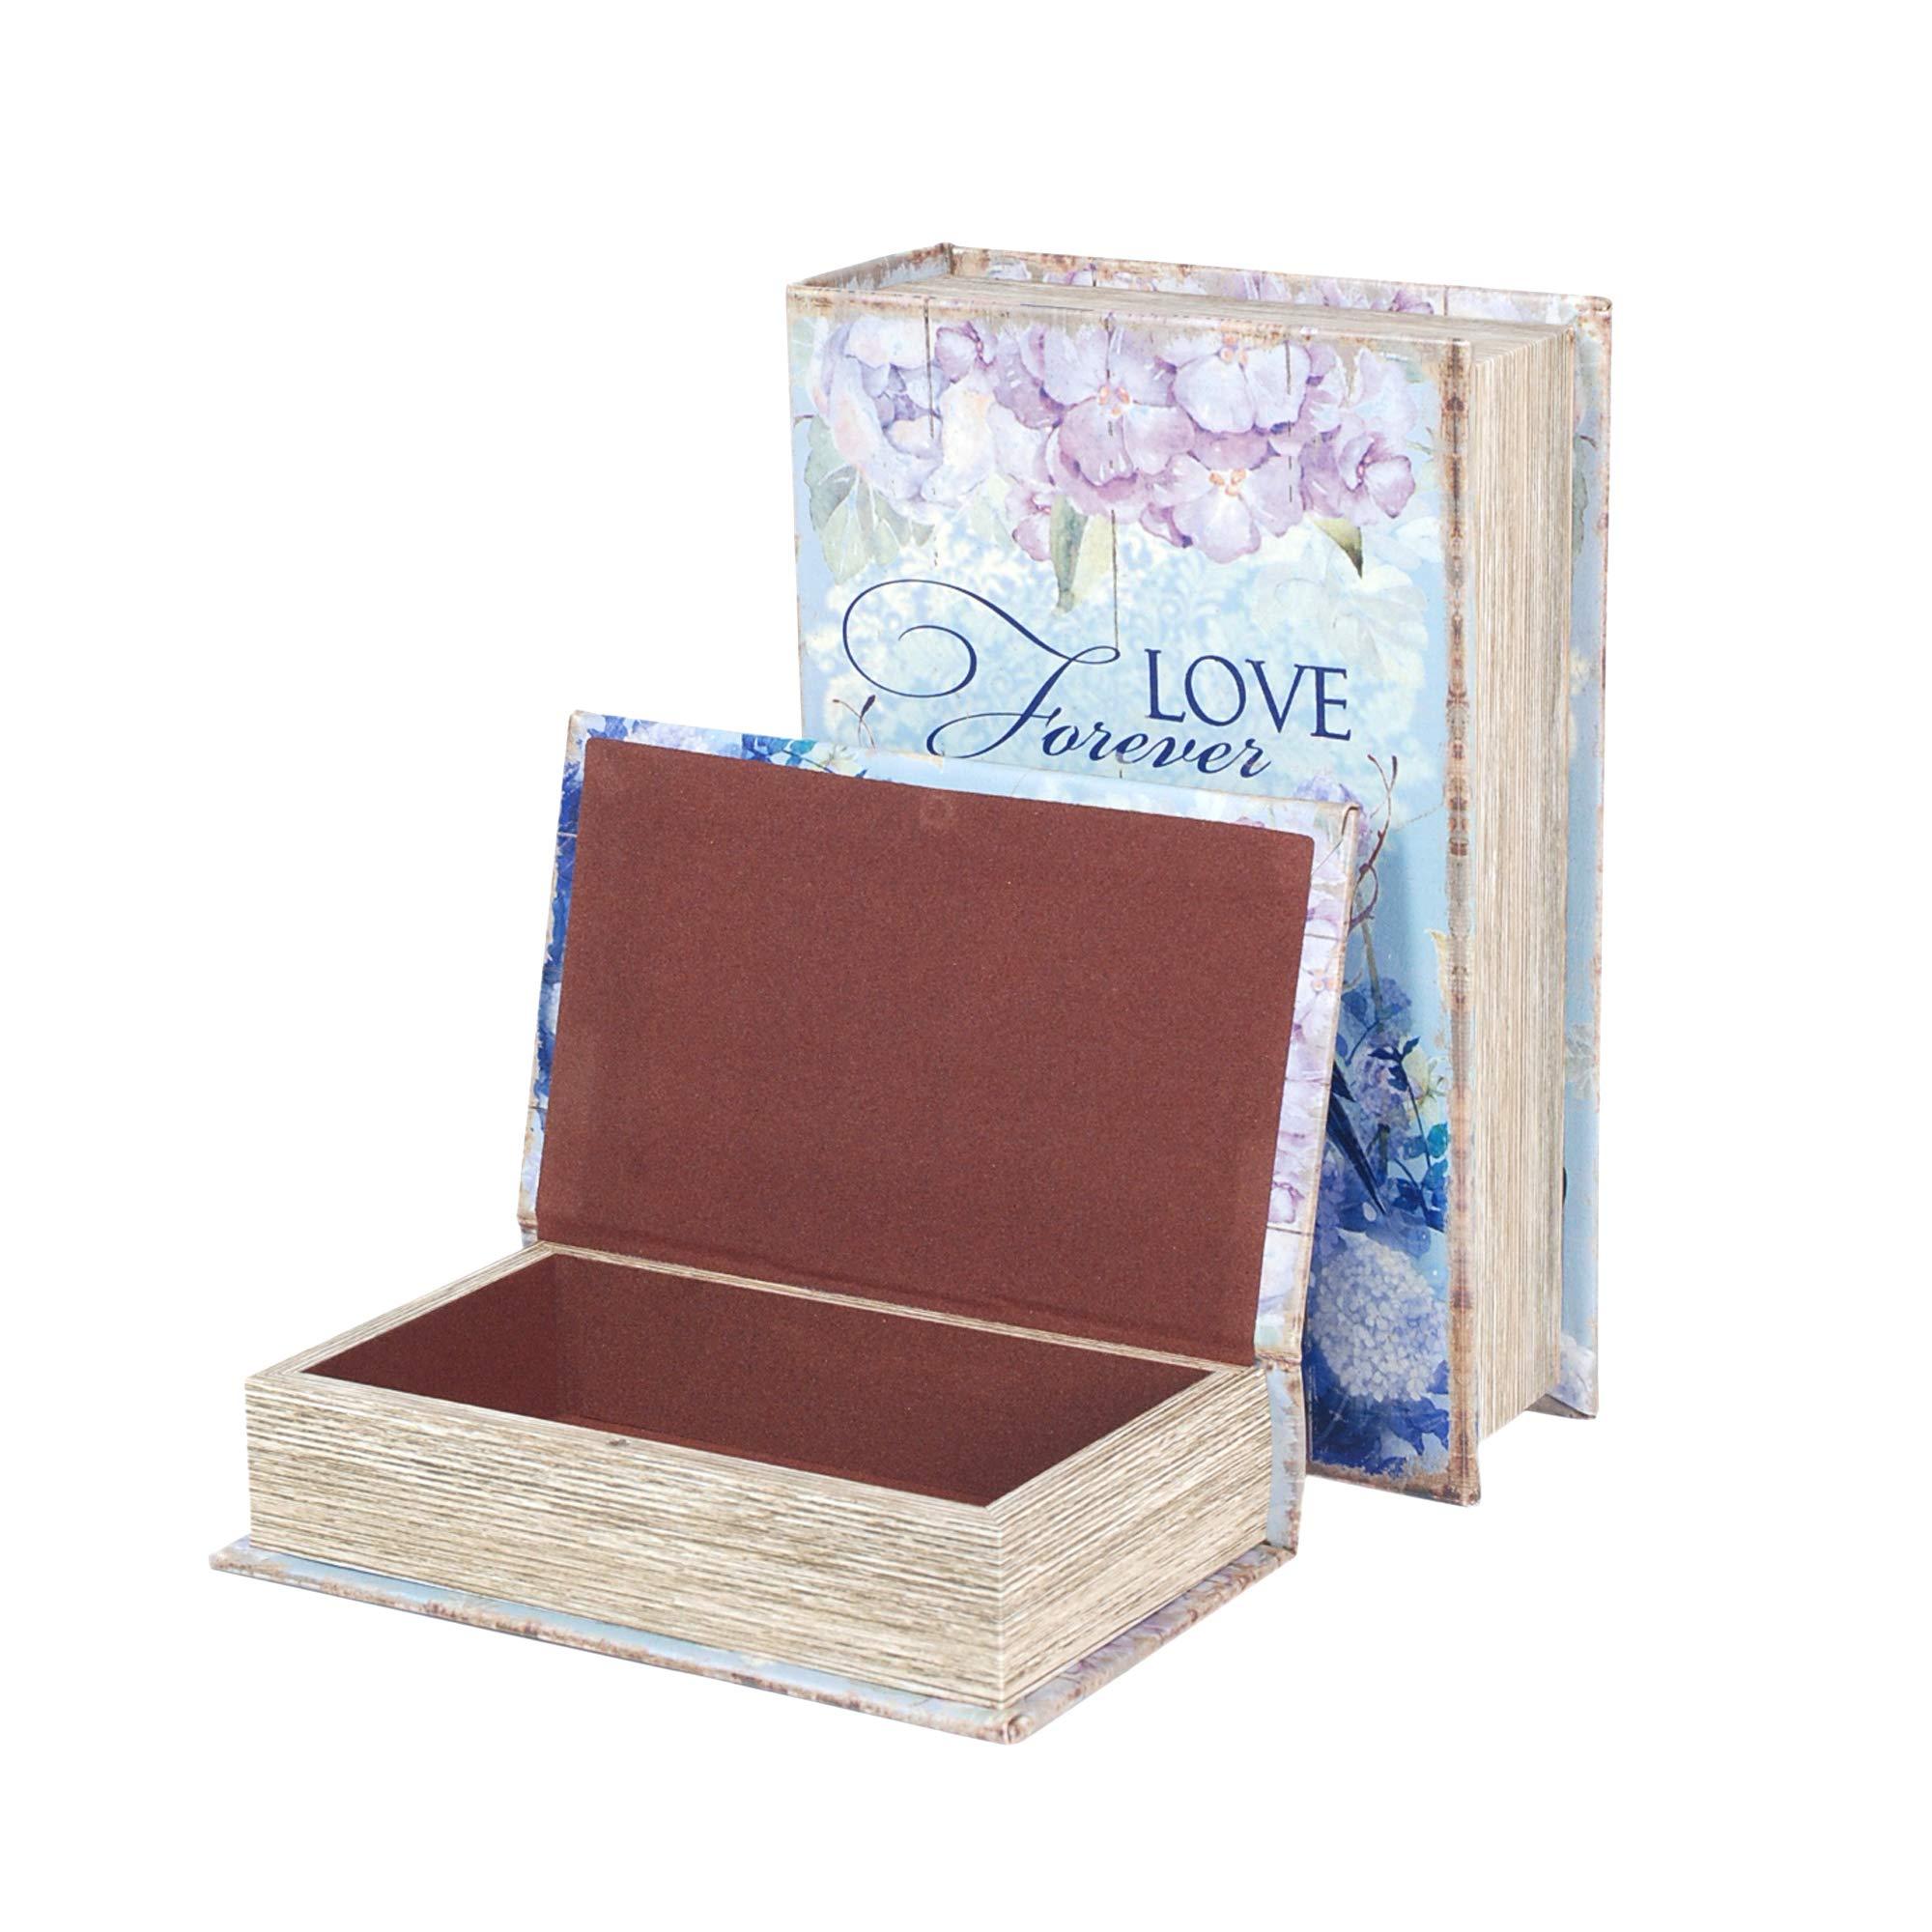 Vidal Regalos Caja Forma Libro Set 2 Unidades Pajaro 27 cm: Amazon.es: Hogar